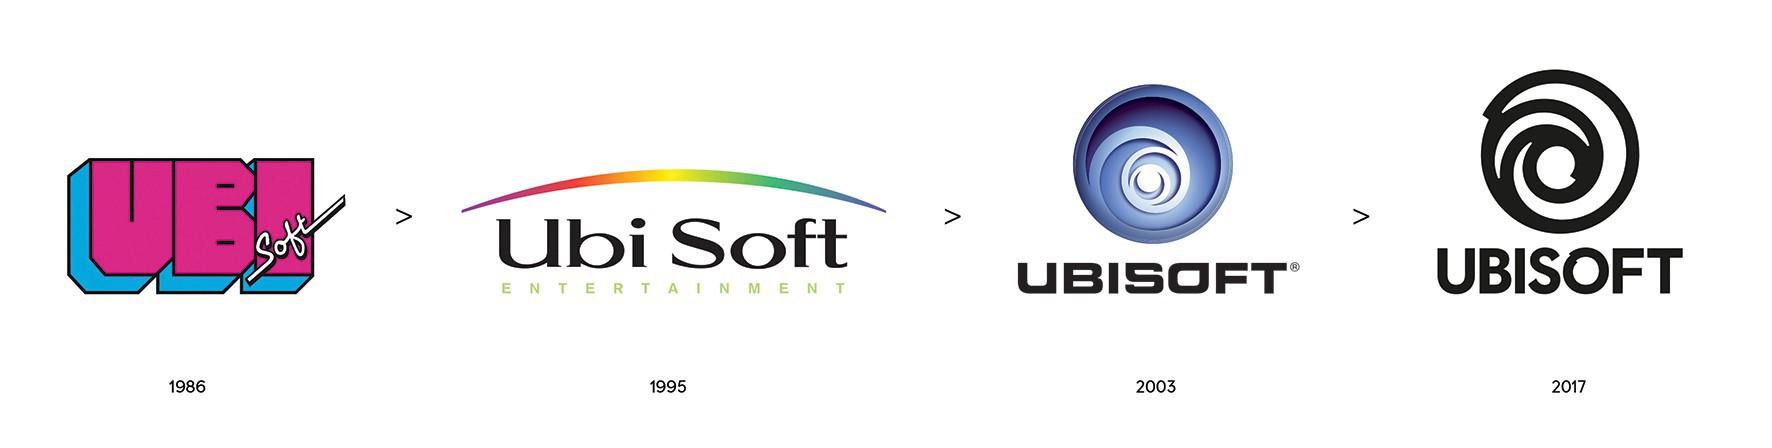 Historique des logos Ubisoft